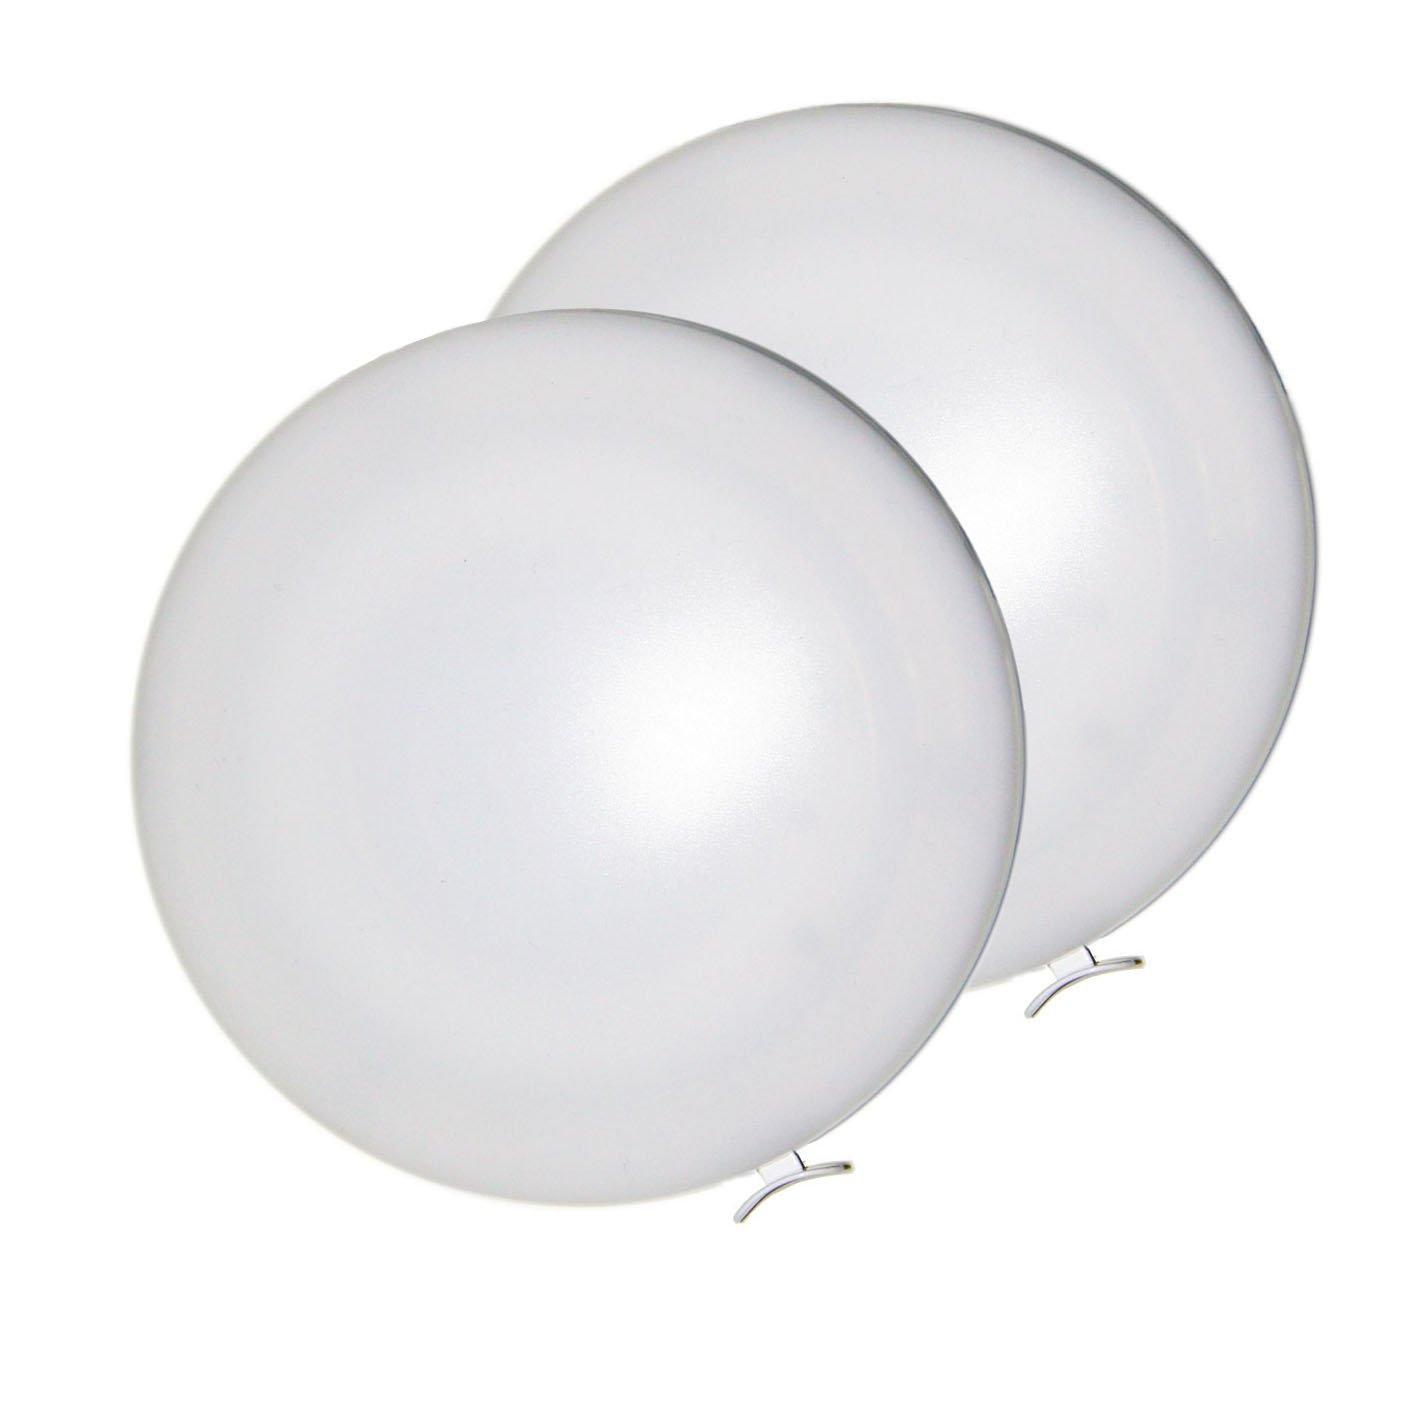 2 x Lampe LED 12 x 12 x 1.7cm Classe /énerg/étique A+ Yachts LIGHTEU 12V 6W Plafonnier Marins Camping-Cars et Bateaux Montage Super Facile avec interrupteur pour les Caravanes